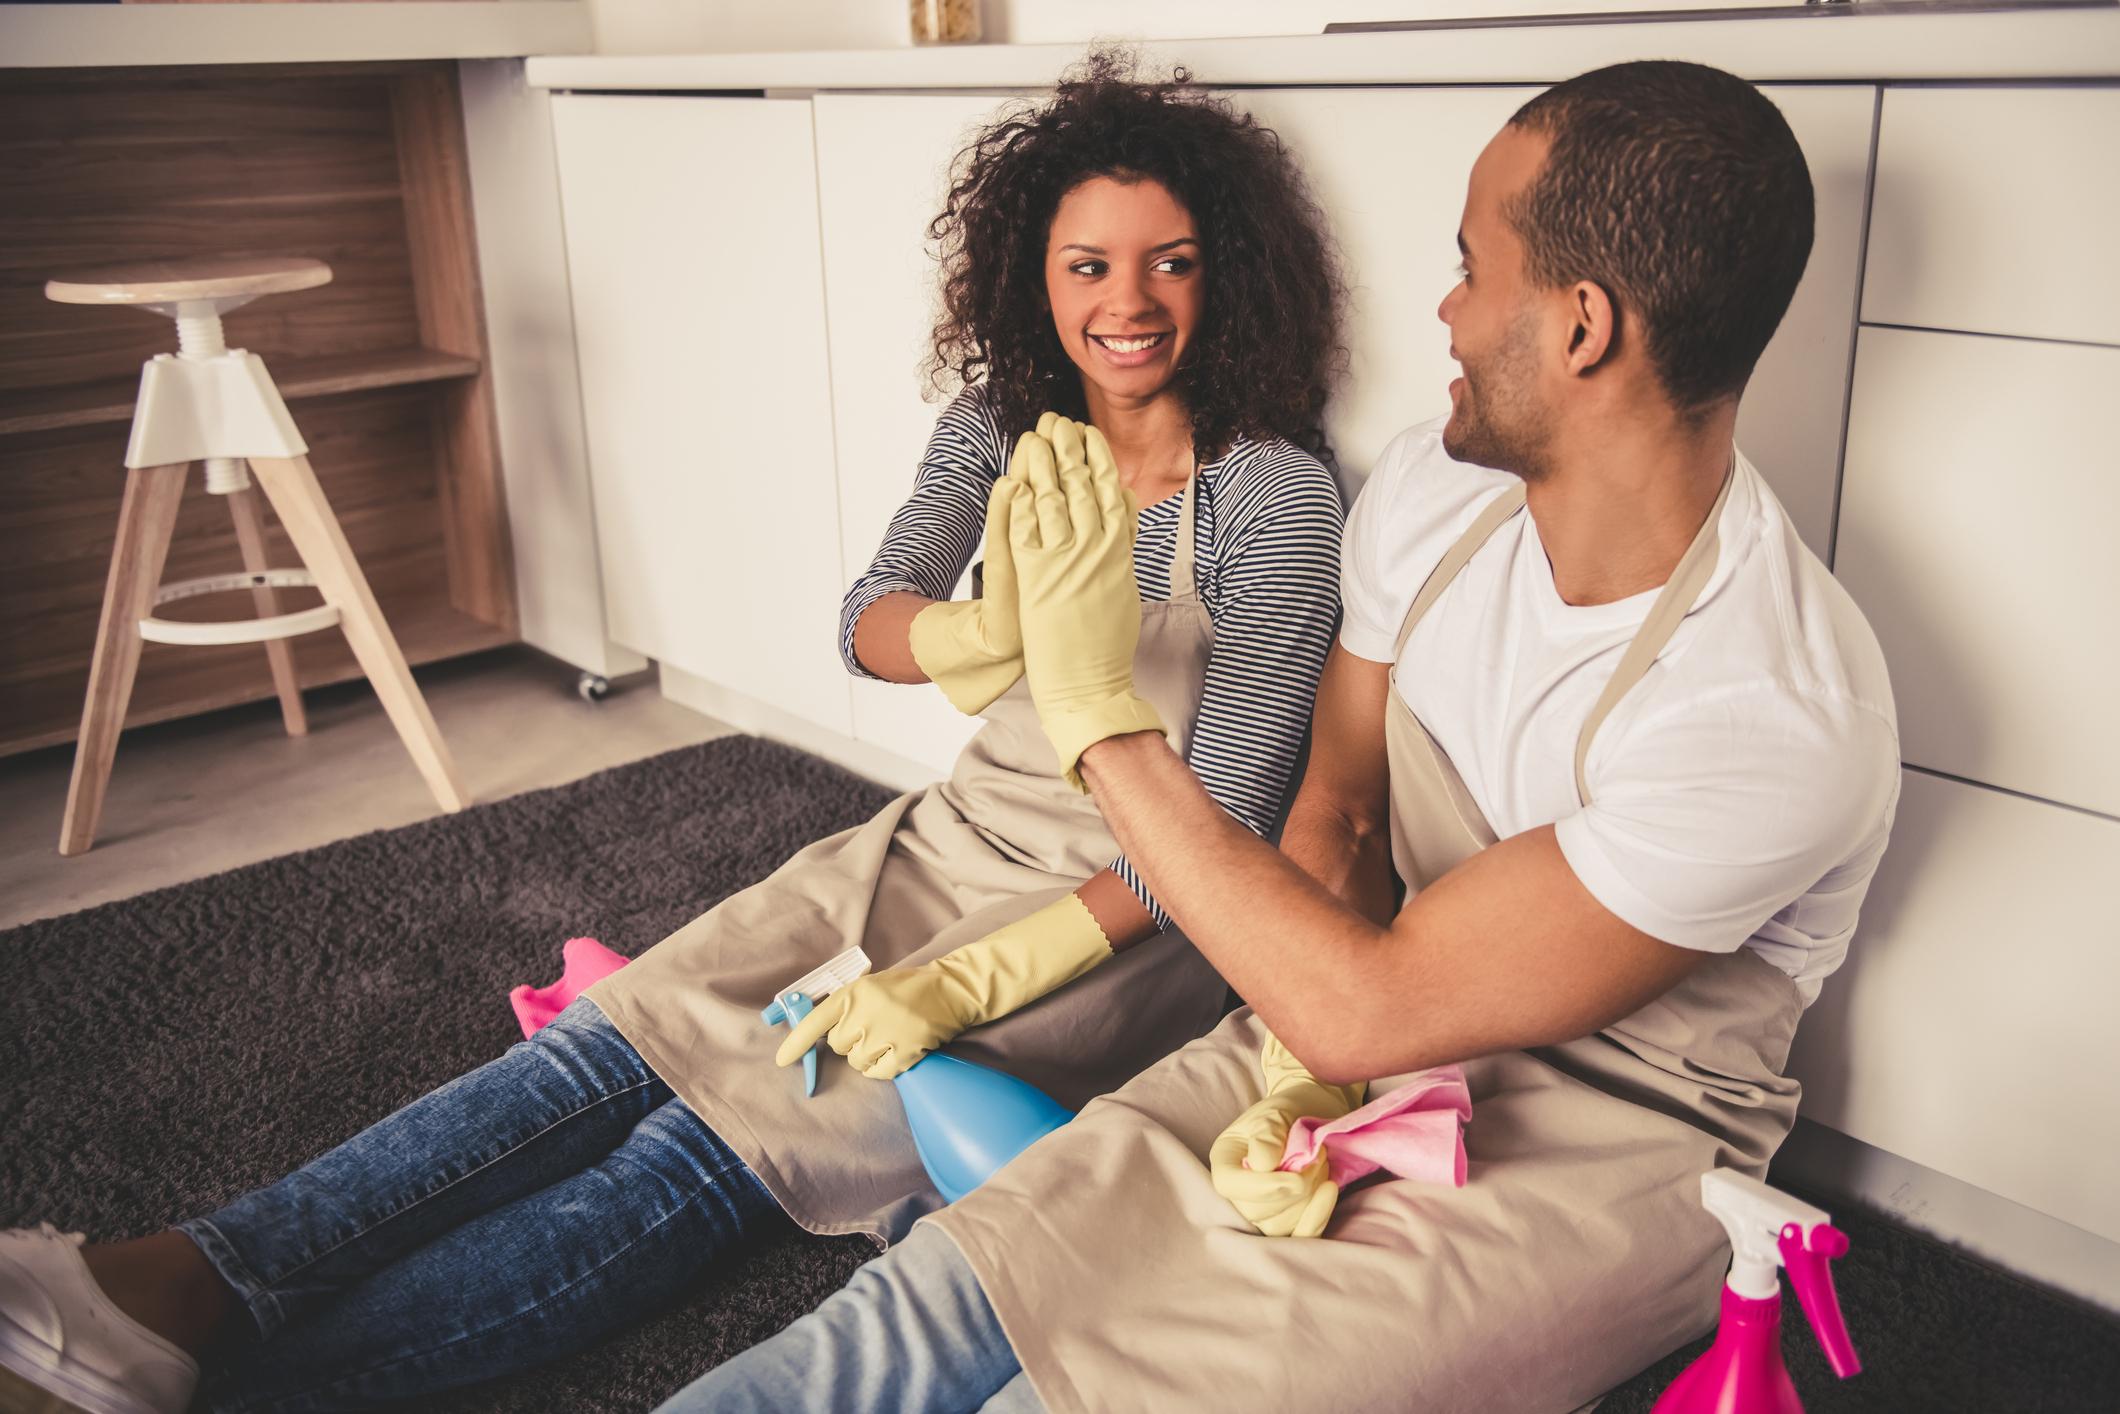 Hulp met uw huishouden – waar te zoeken?